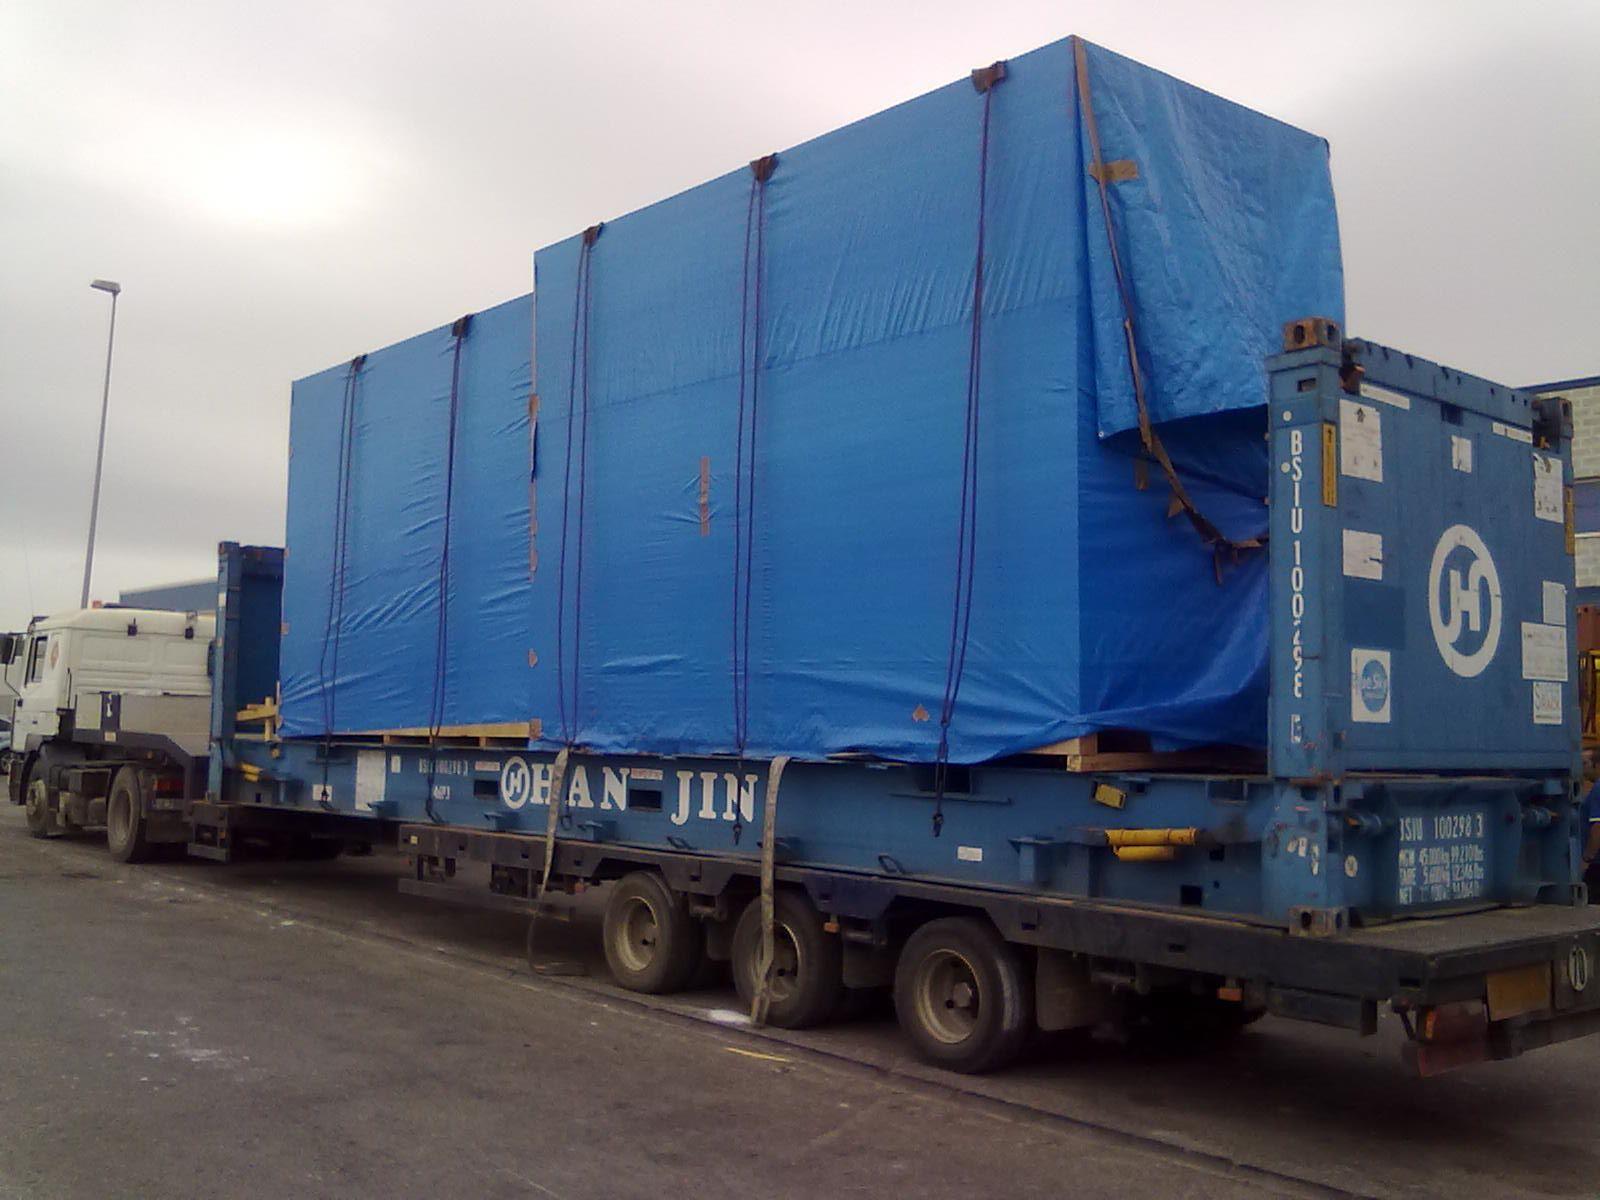 Departamento especializado de transporte a Canarias y Marruecos